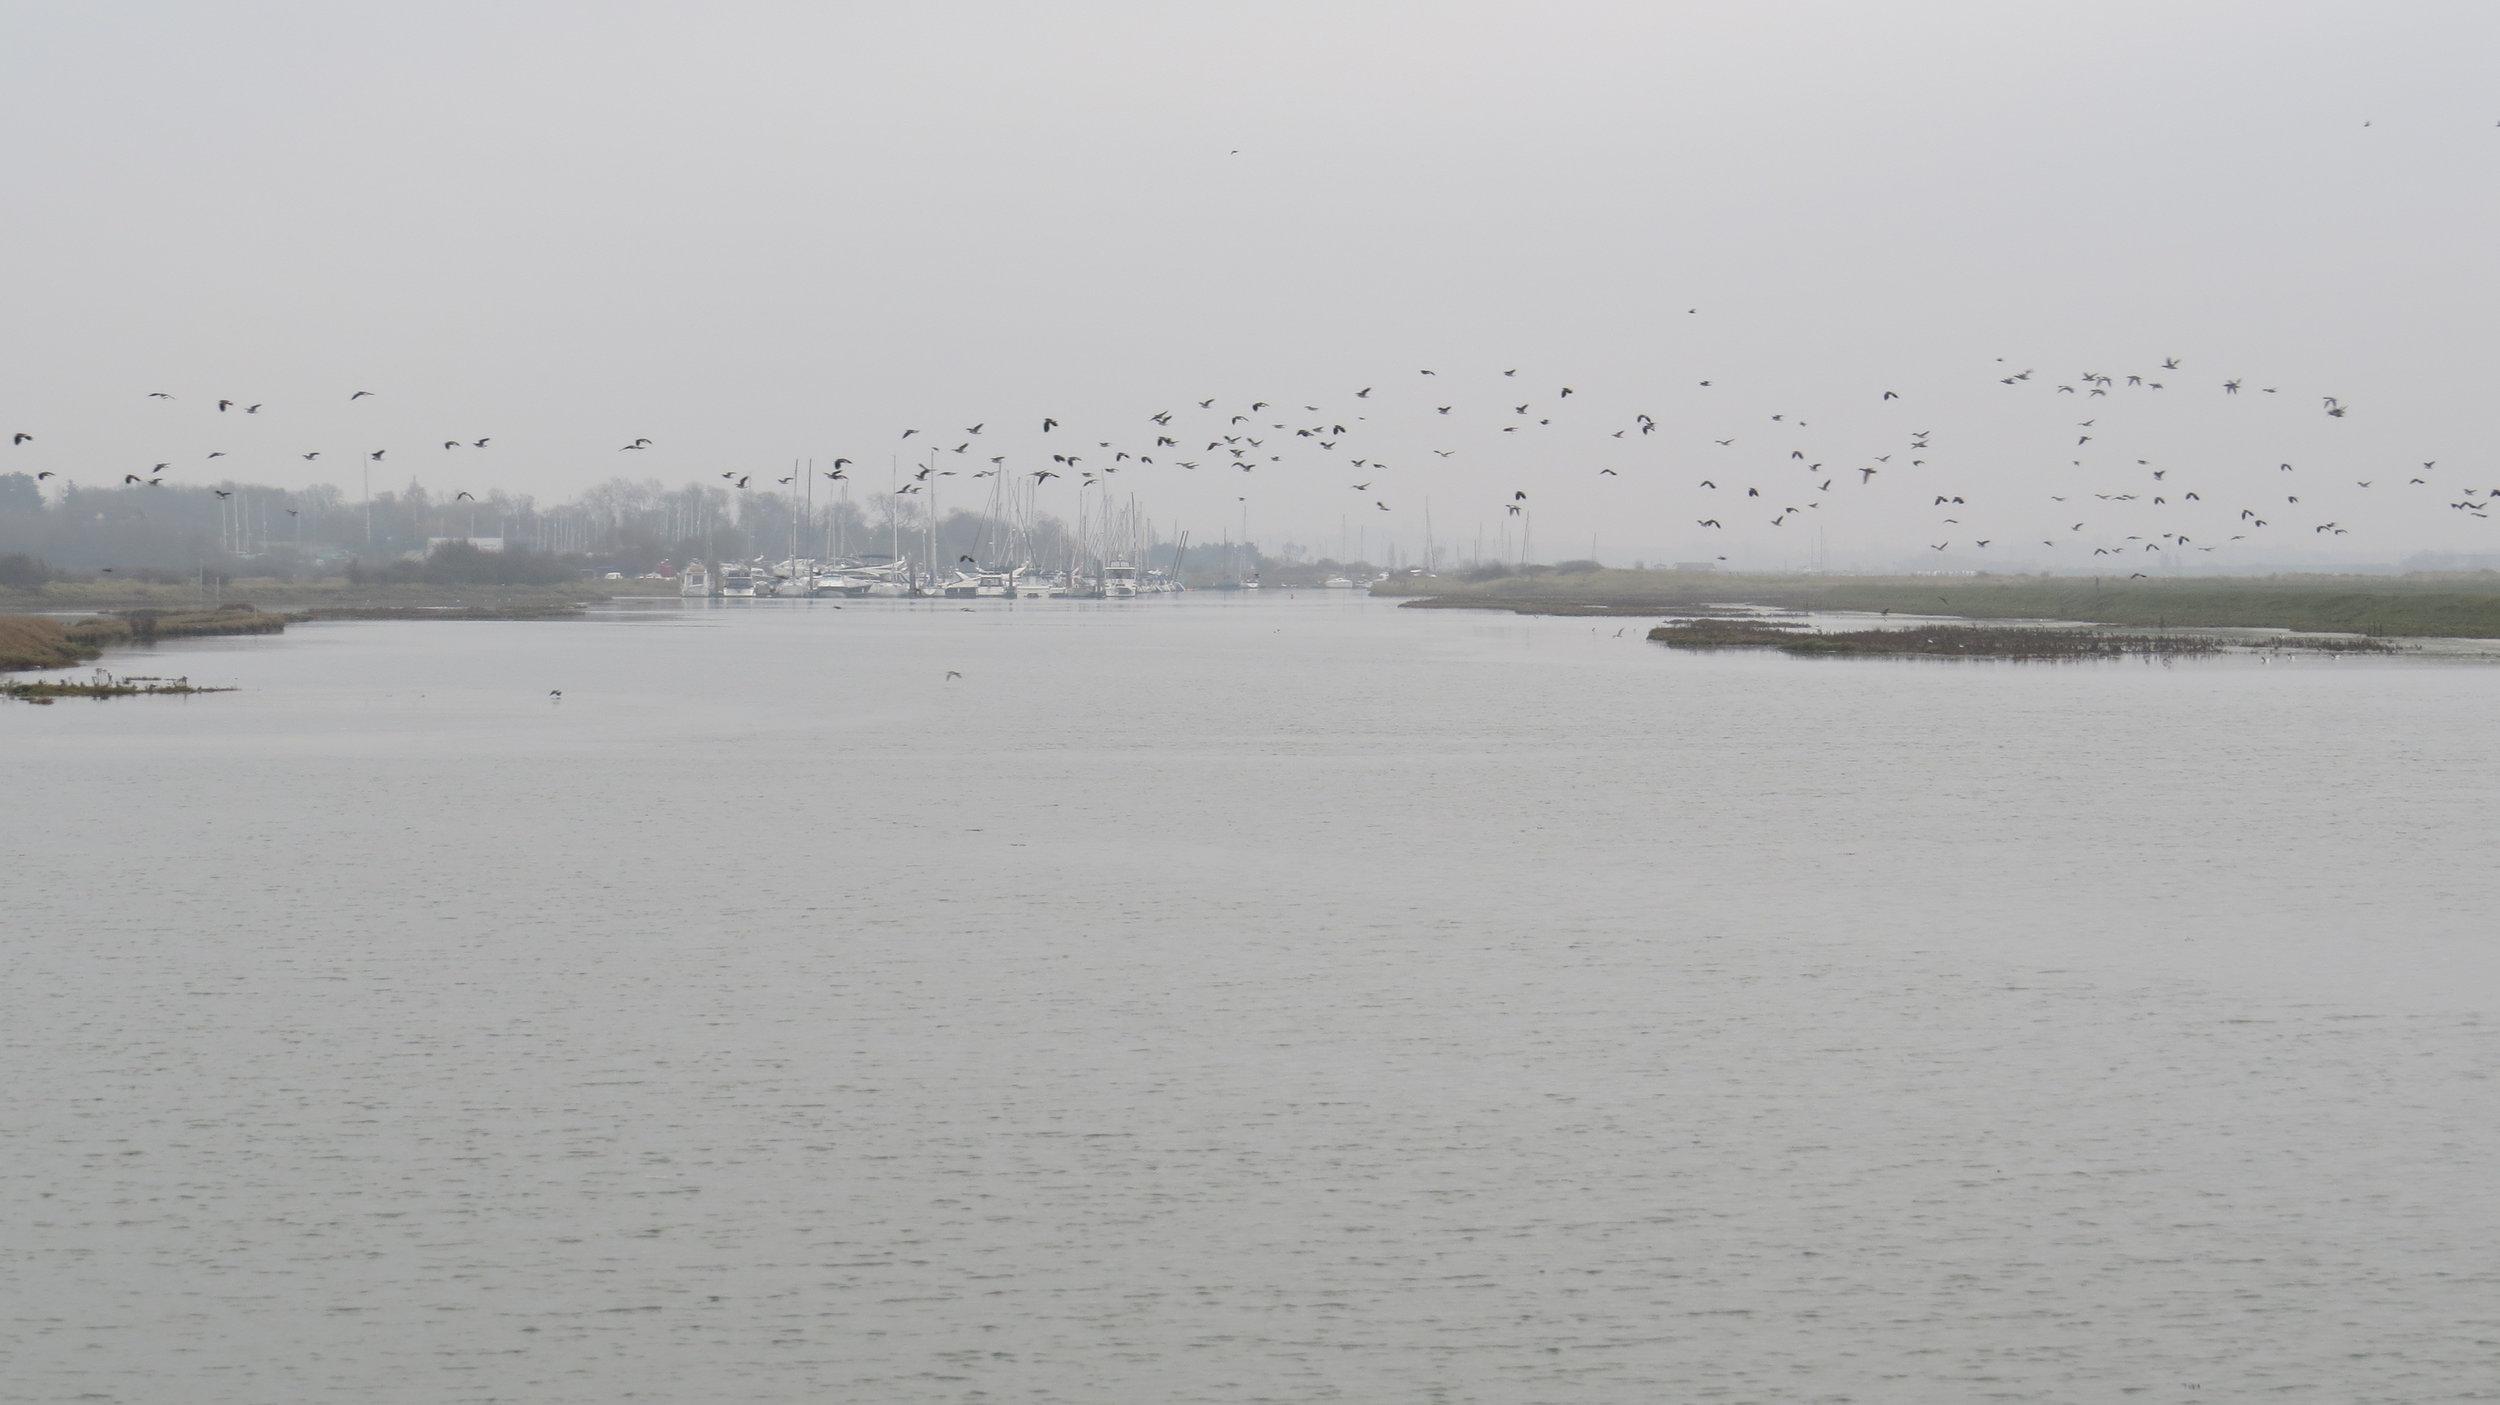 Geese Flocking